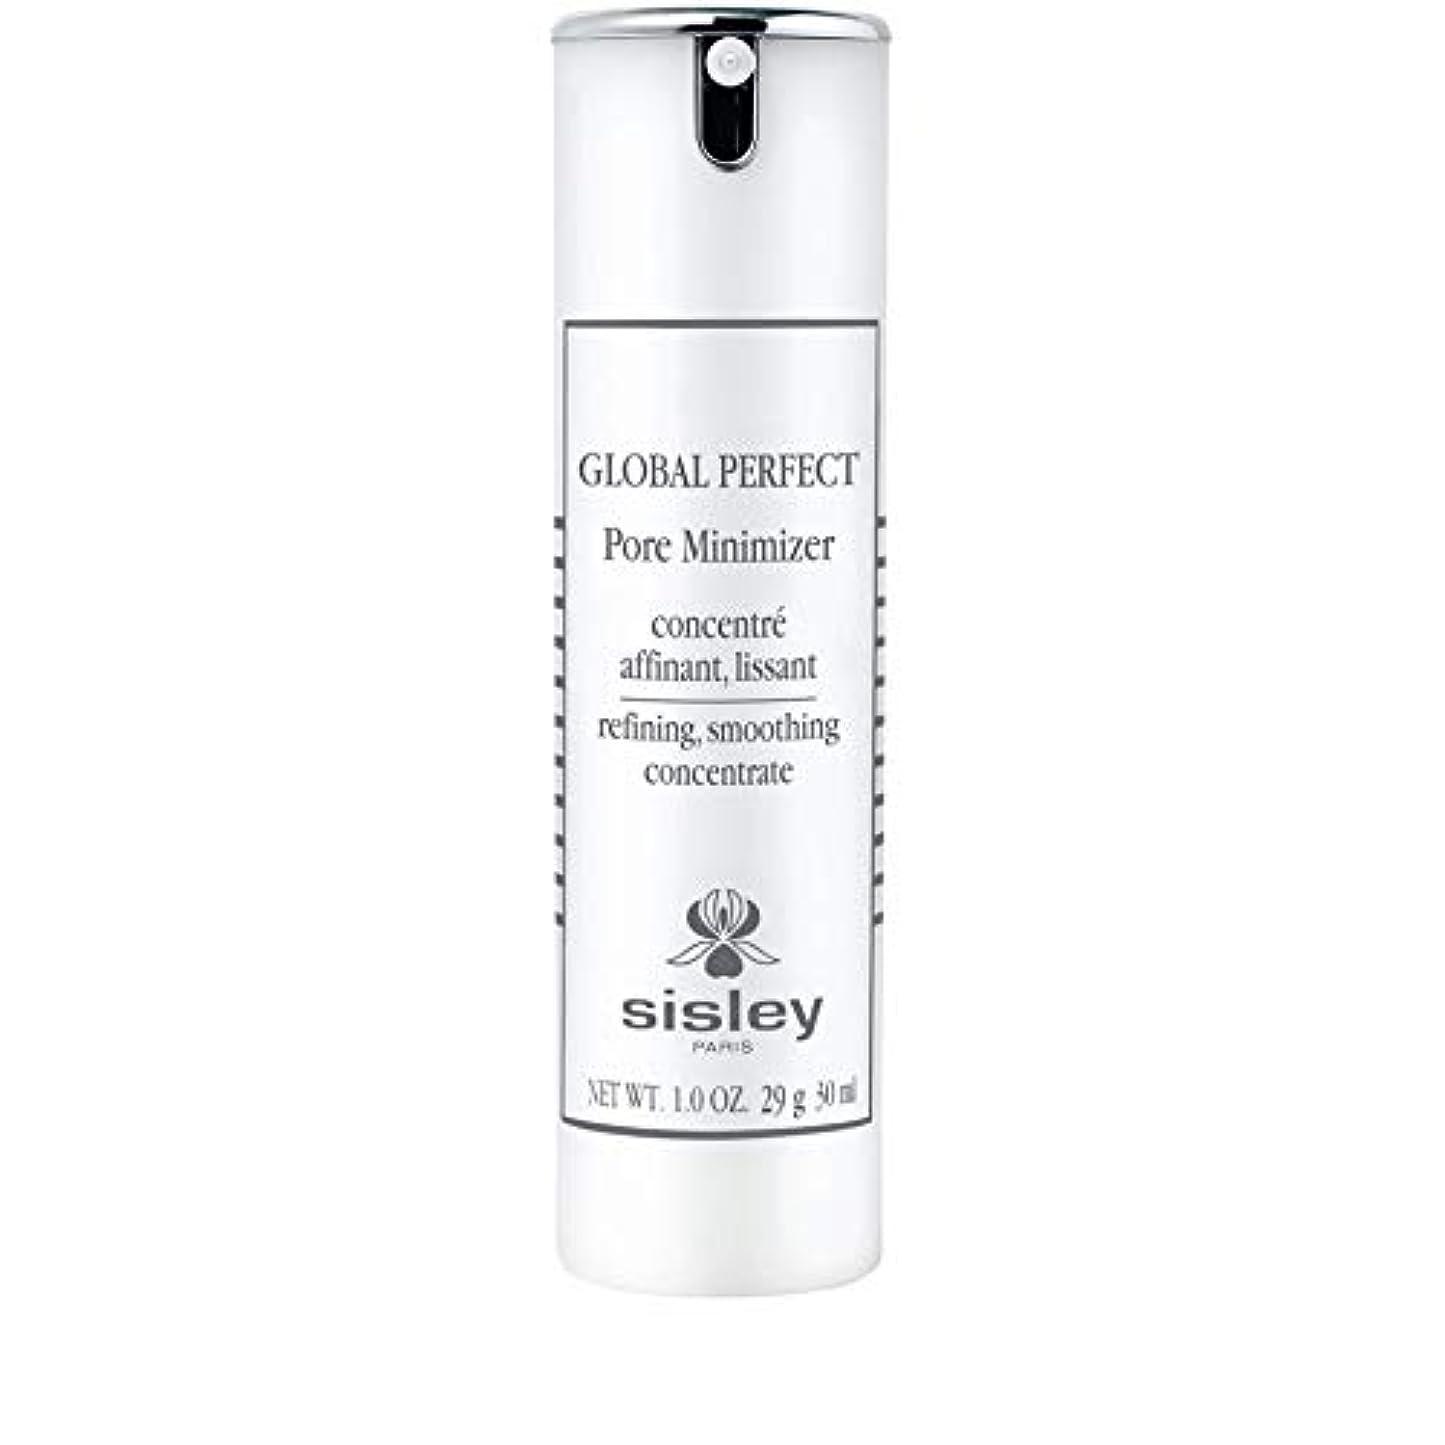 ヨーロッパニコチンクリスマス[Sisley] シスレーグローバル完璧な細孔Minimiser 30ミリリットル - Sisley Global Perfect Pore Minimiser 30ml [並行輸入品]